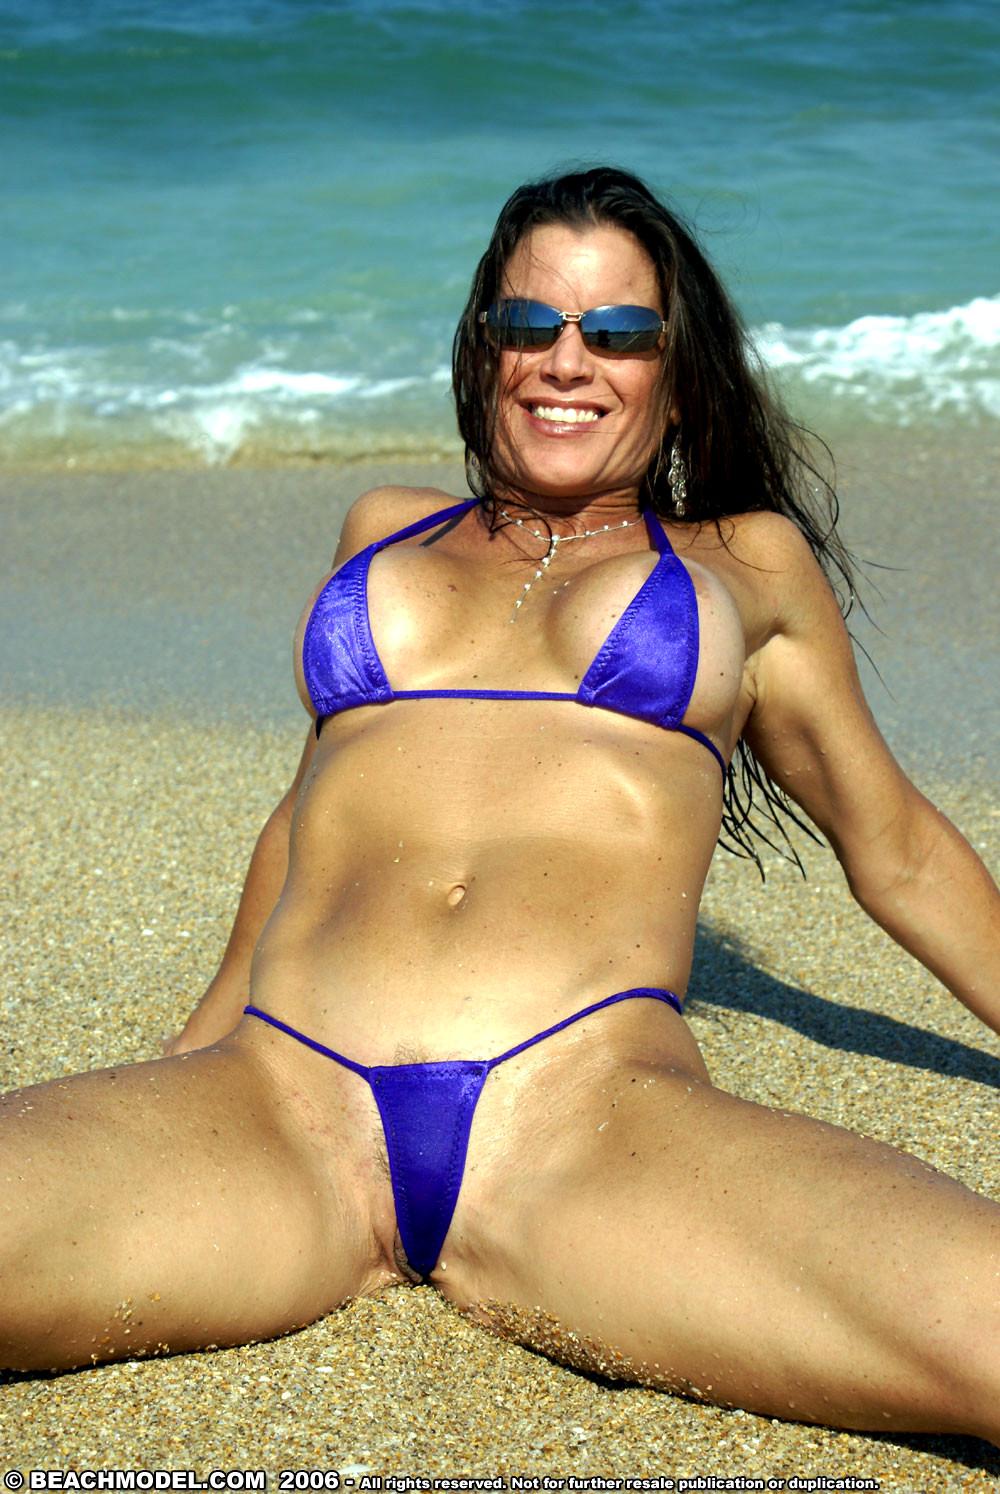 Kapoor milf in extreme micro bikini